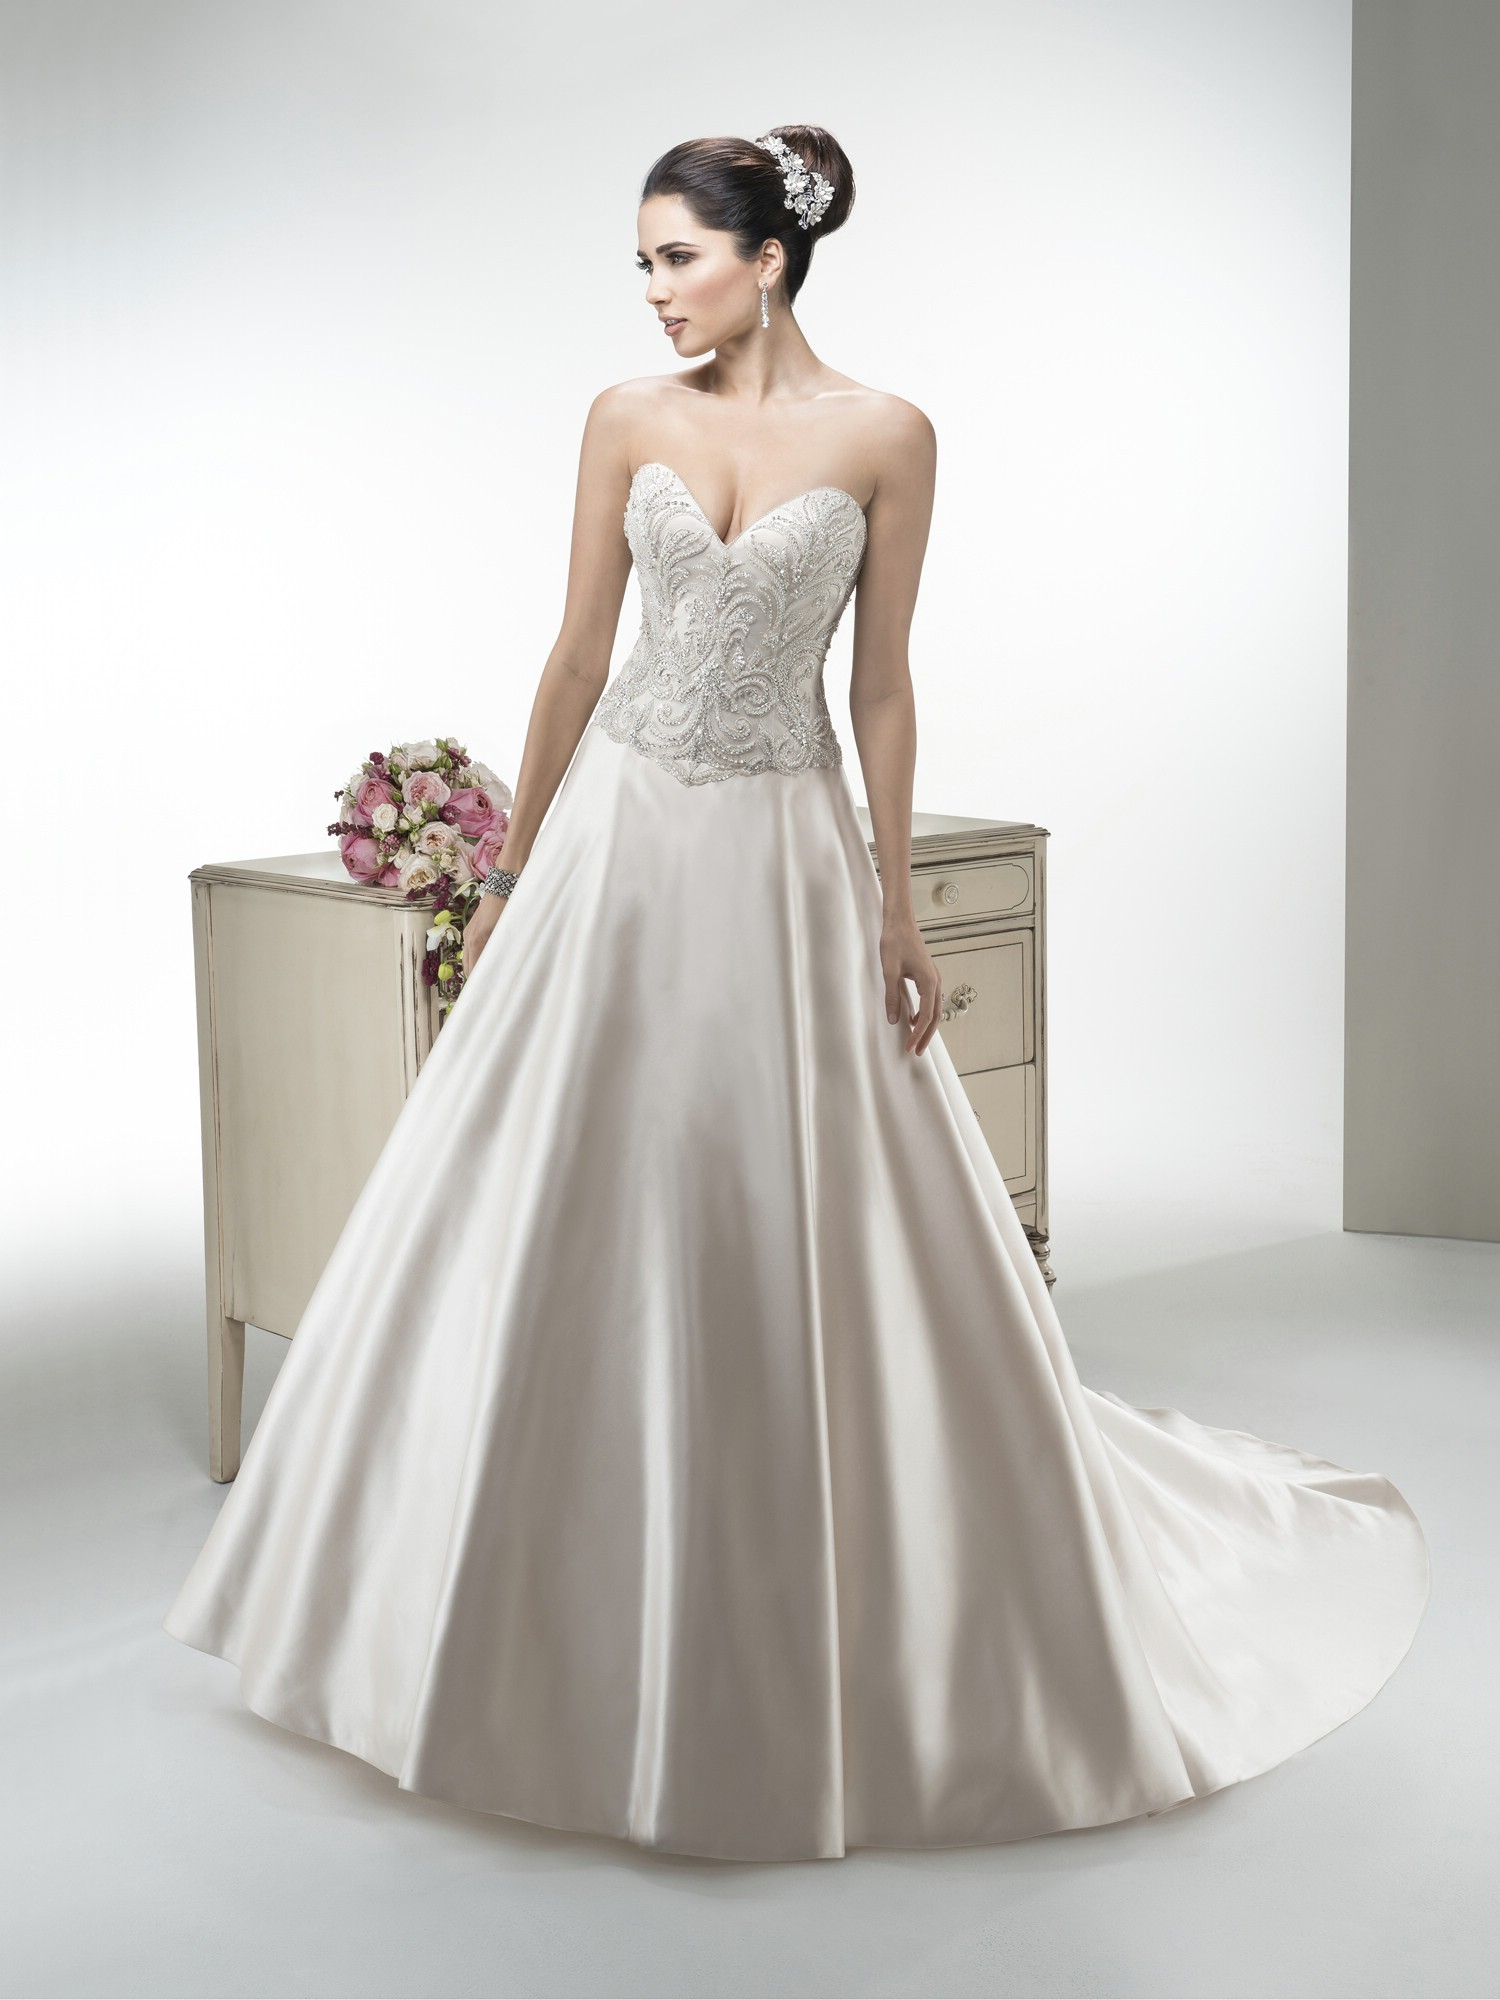 999.99 felicity by maggie\' ⋆ Precious Memories Bridal Shop